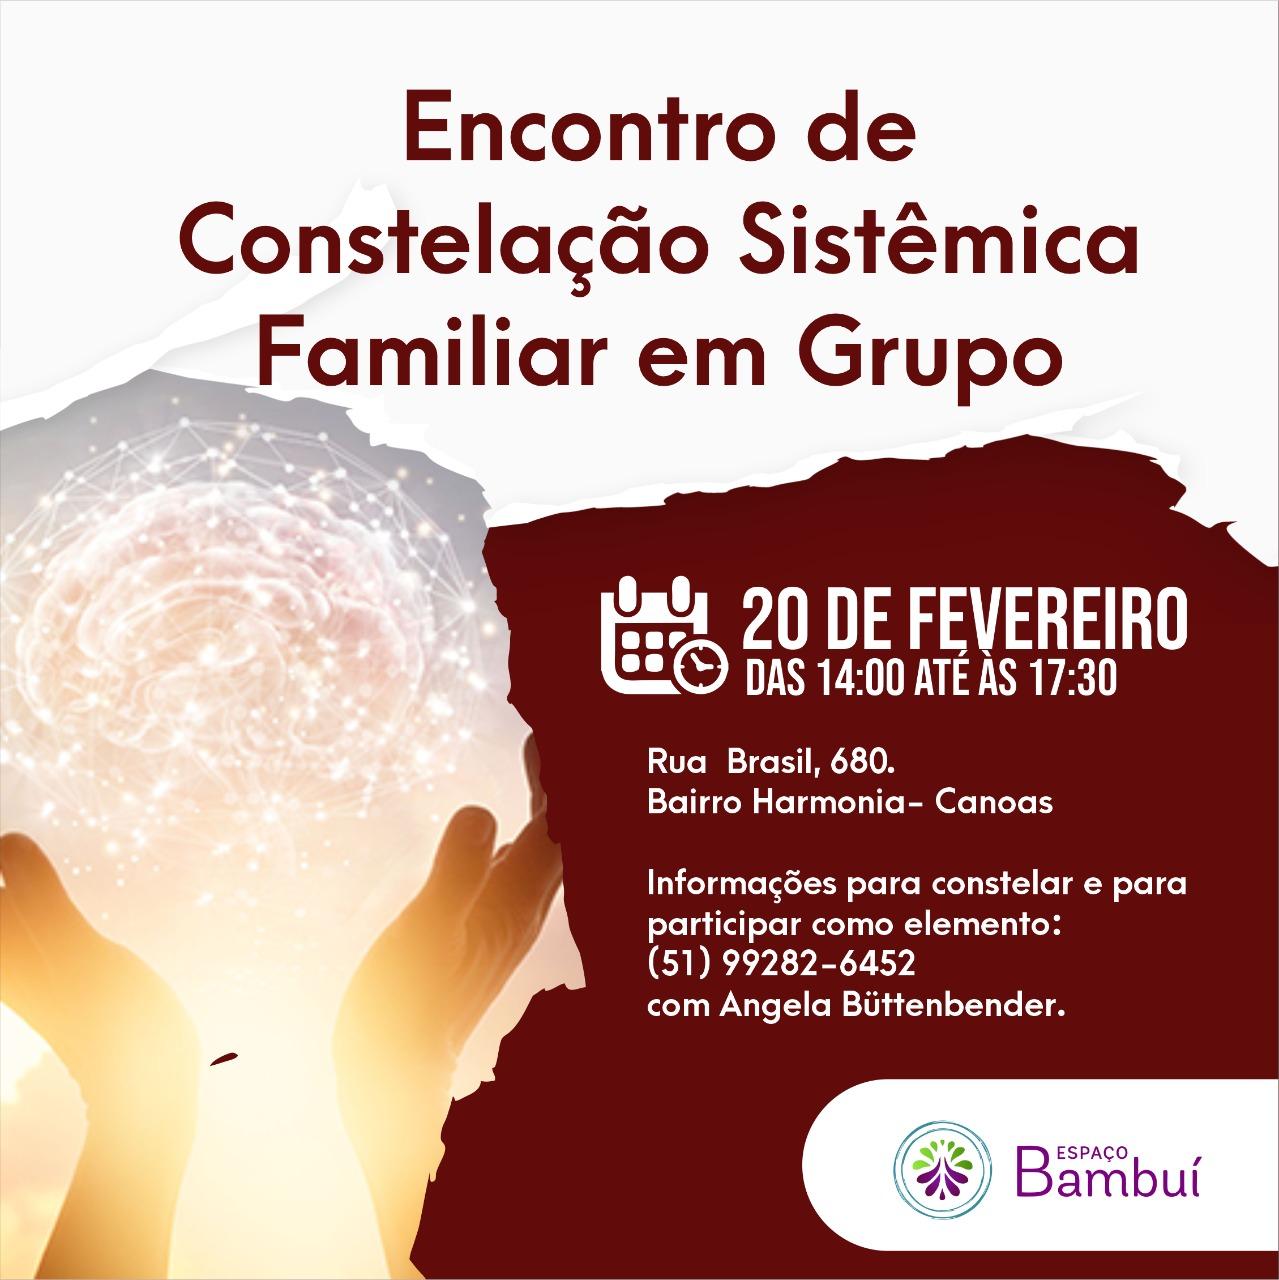 Encontro de Constelação Sistêmica Familiar em Grupo 7